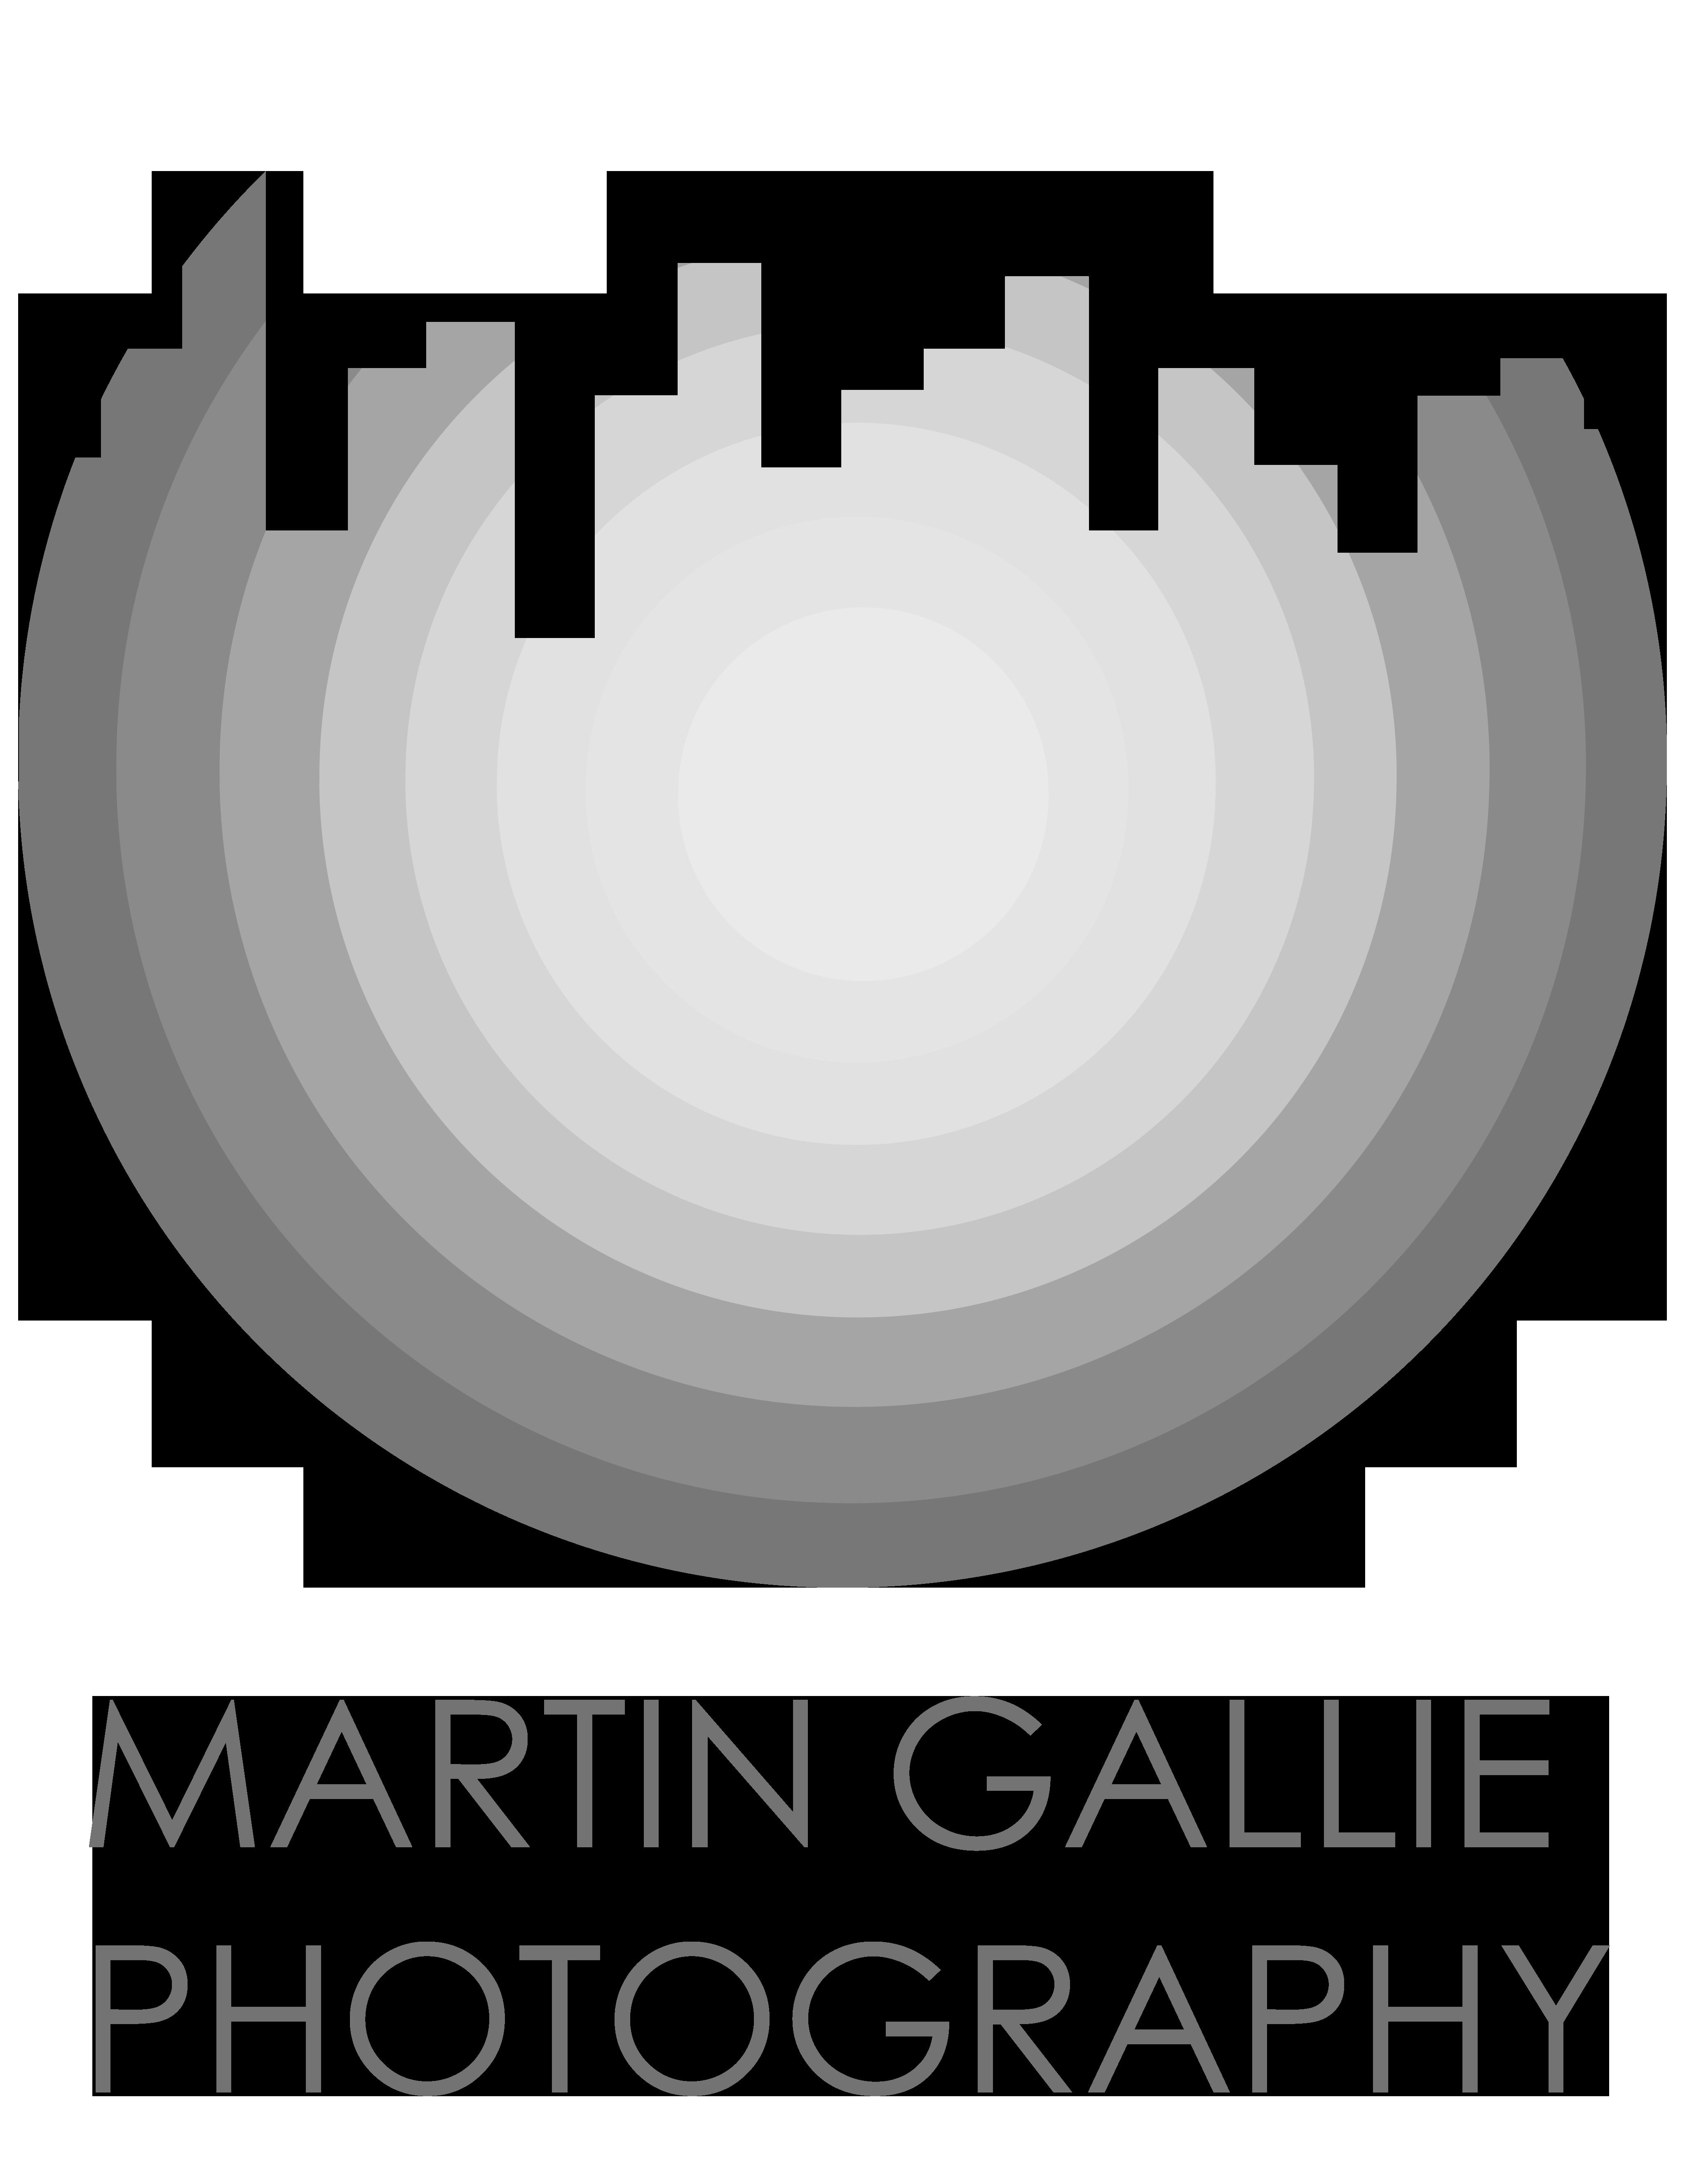 Martin Gallie